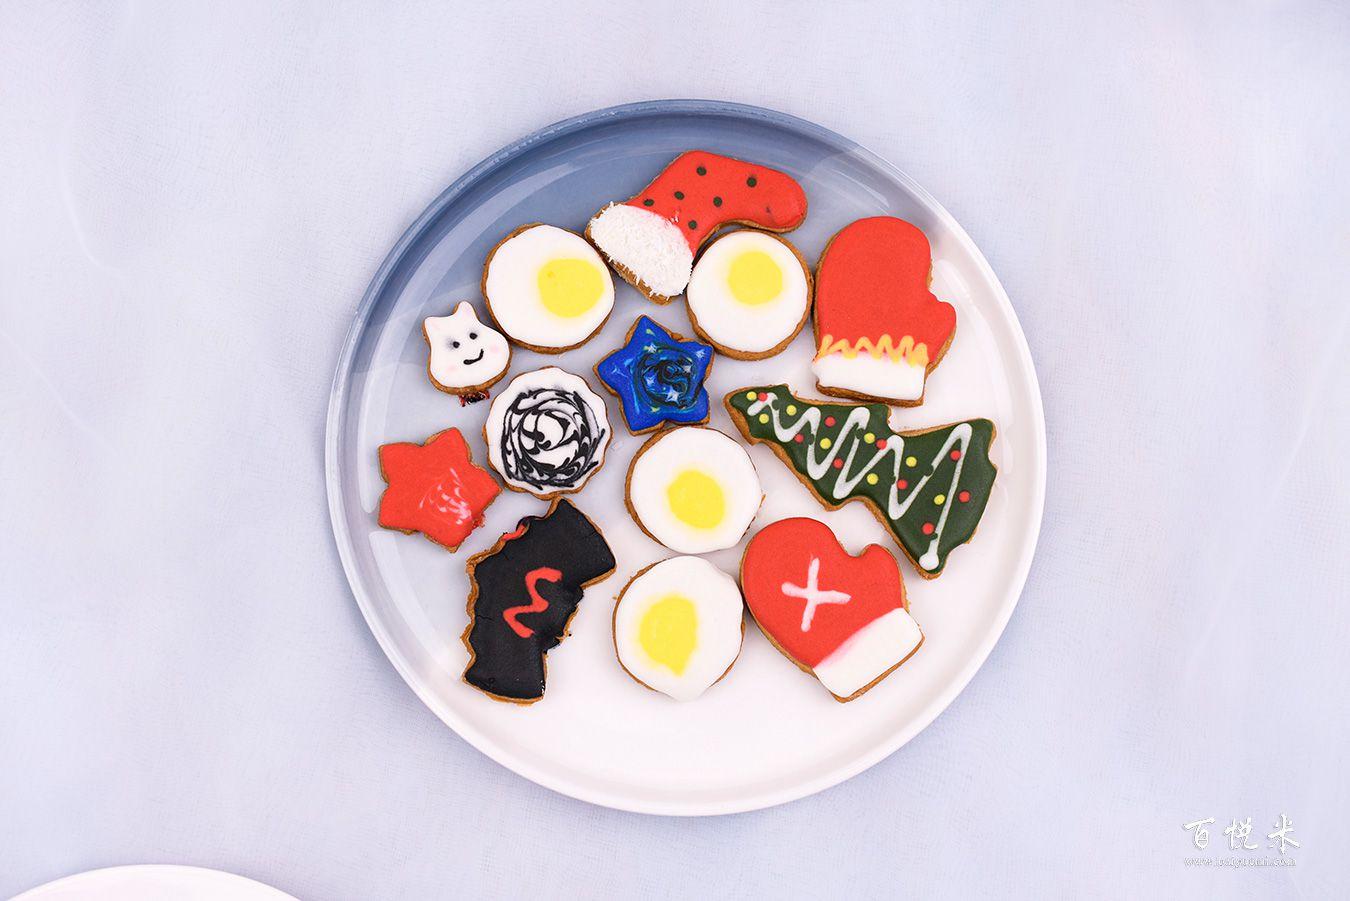 手绘卡通糖霜饼干高清图片大全【蛋糕图片】_939